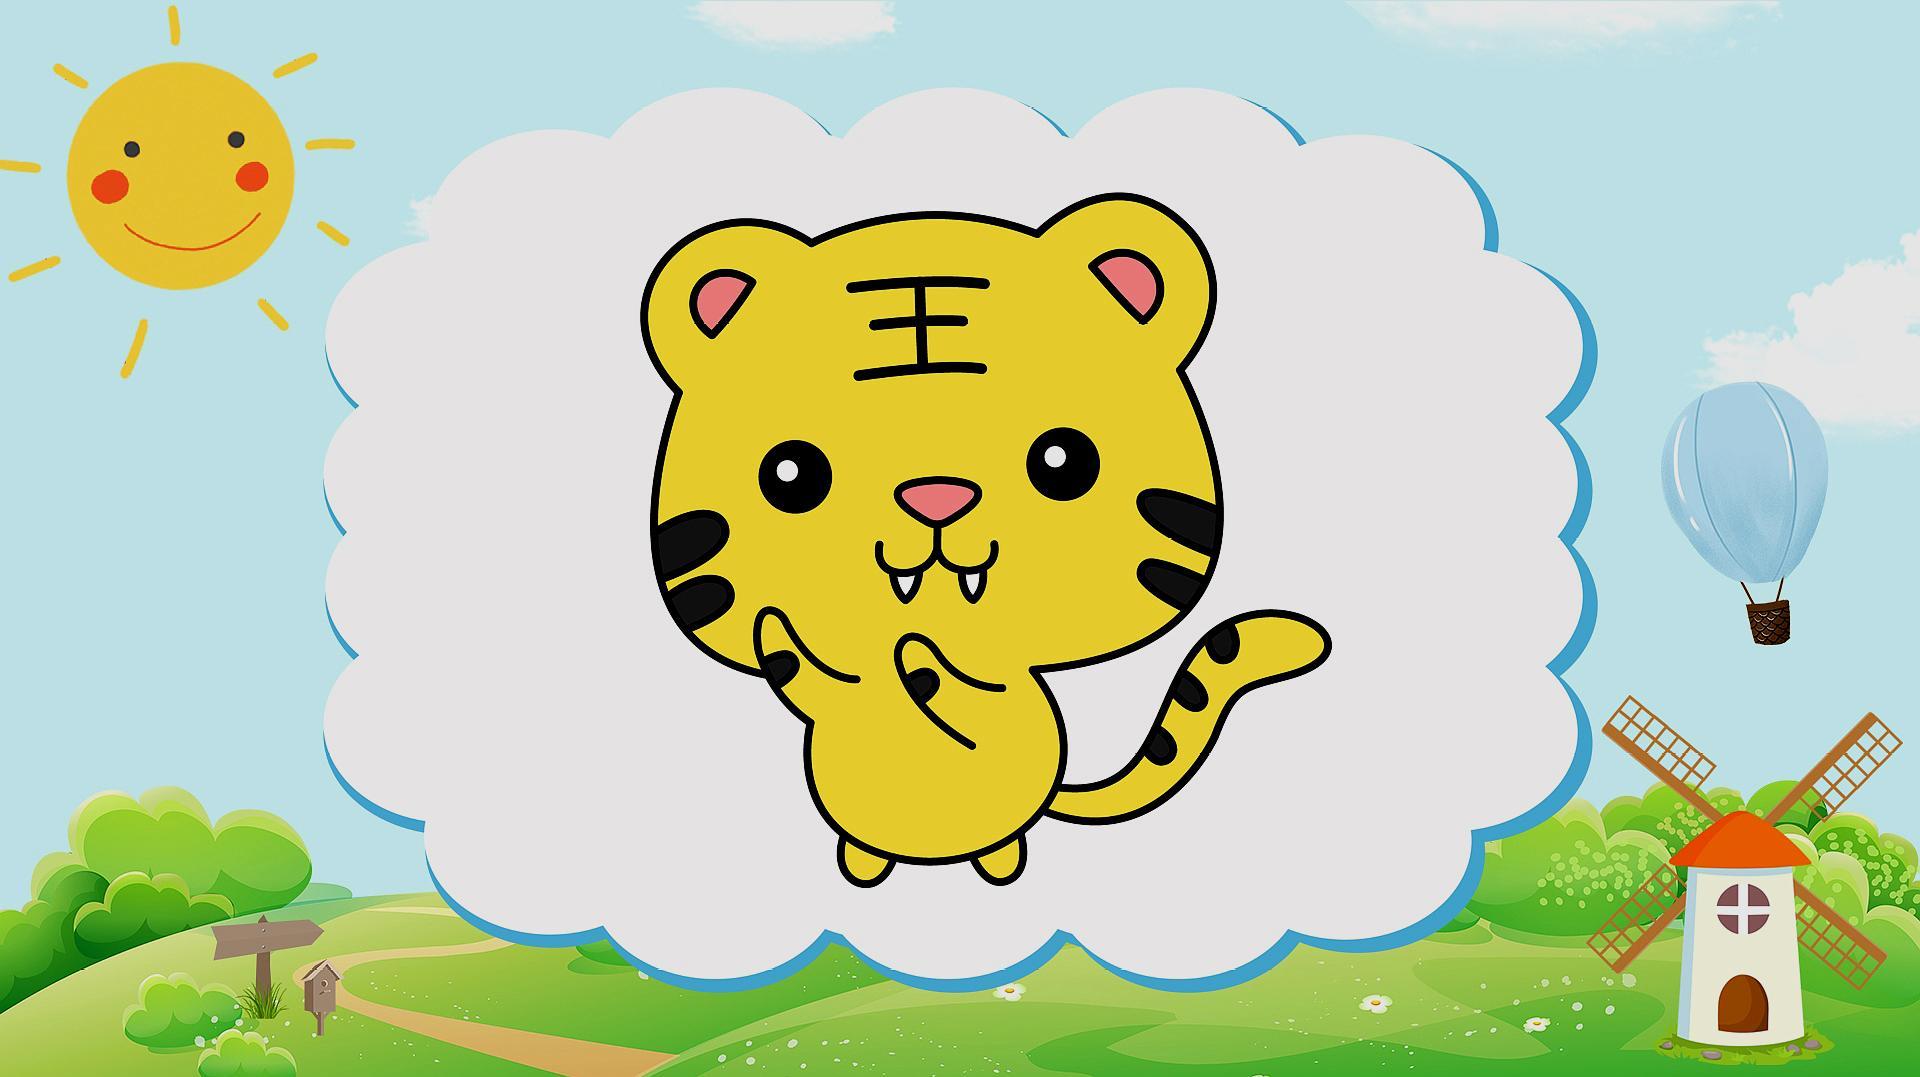 如何画一个老虎?